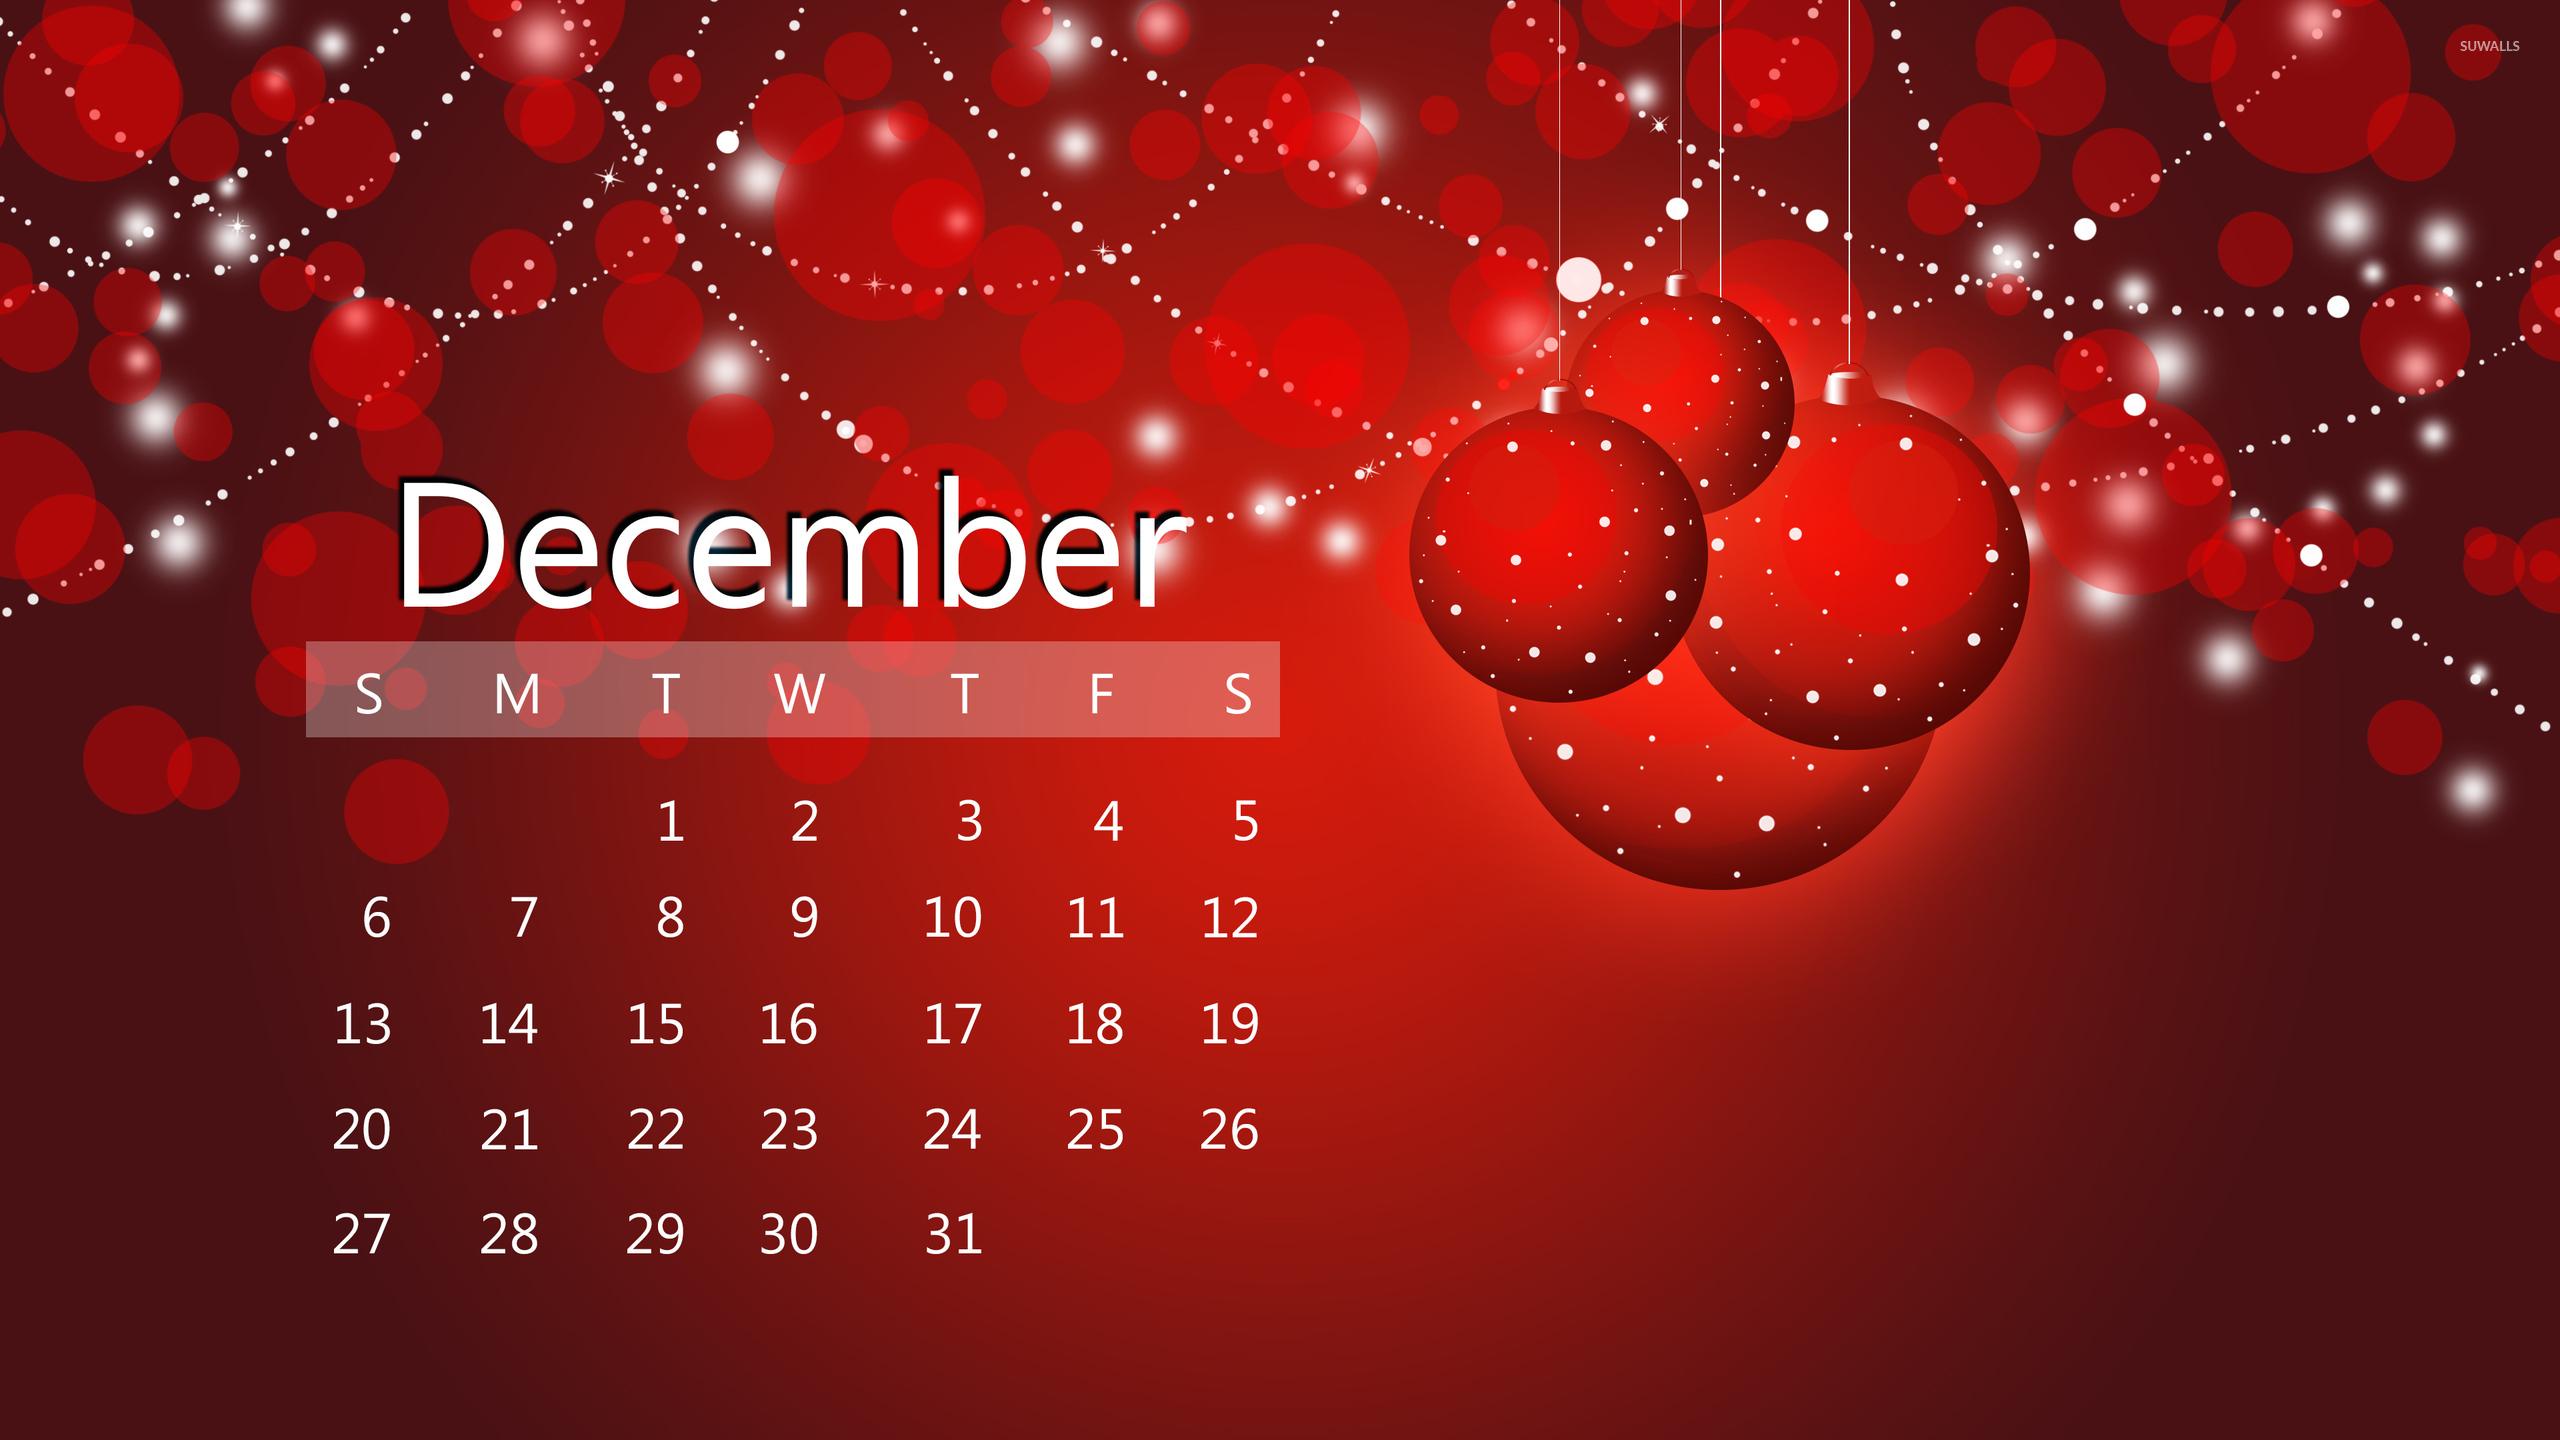 Christmas Calendar Wallpaper : December red calendar wallpaper holiday wallpapers